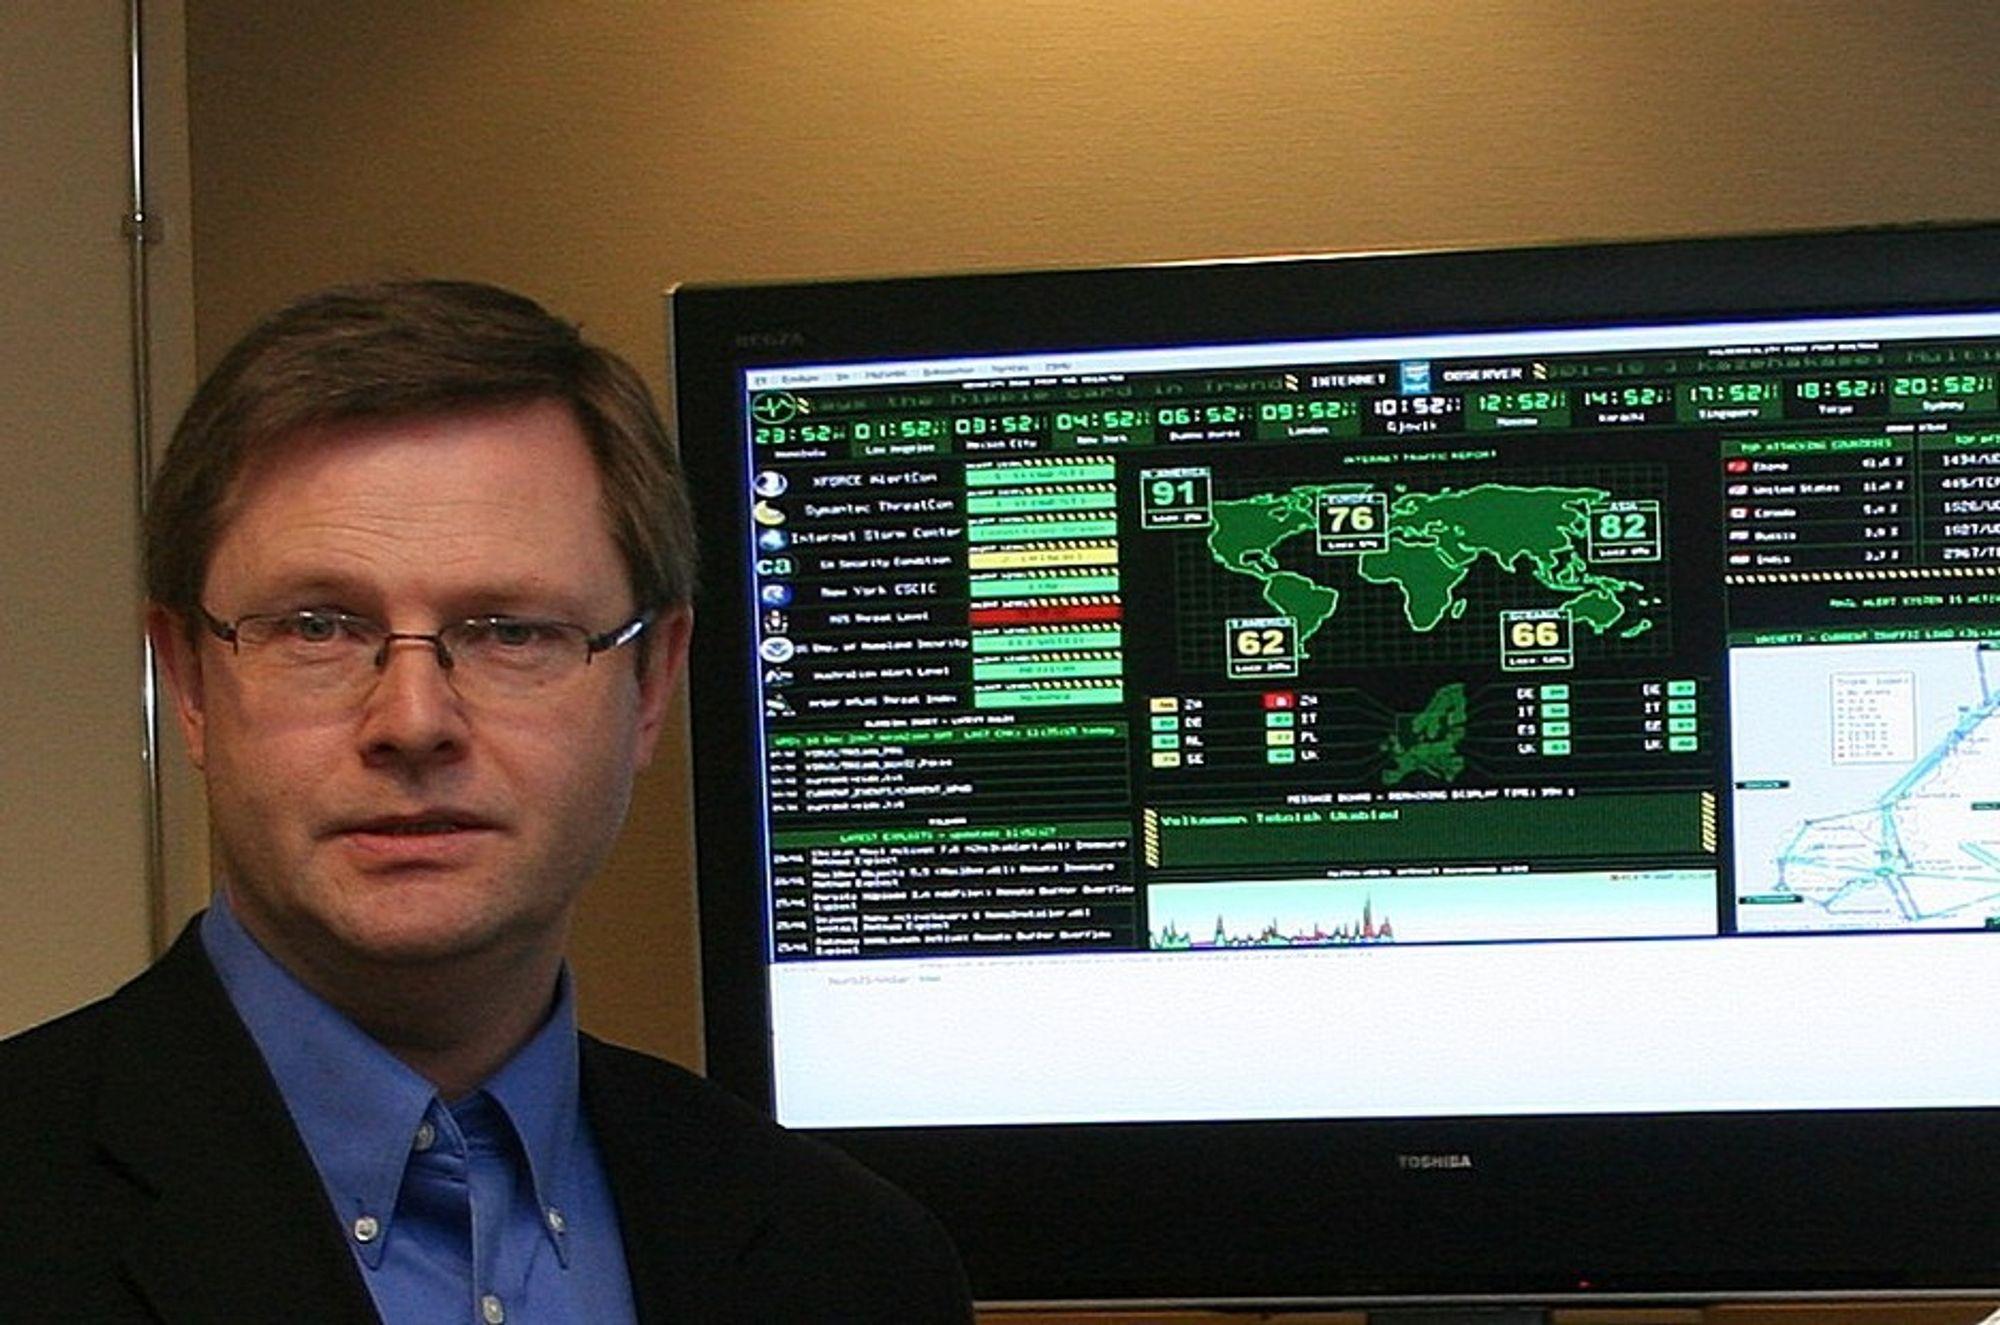 TRENE MER: Daglig leder Morten Schjelderup og resten av aktørene i Security Valley får trene mer på simulerte datakriser med den ekstra potten fra FAD.